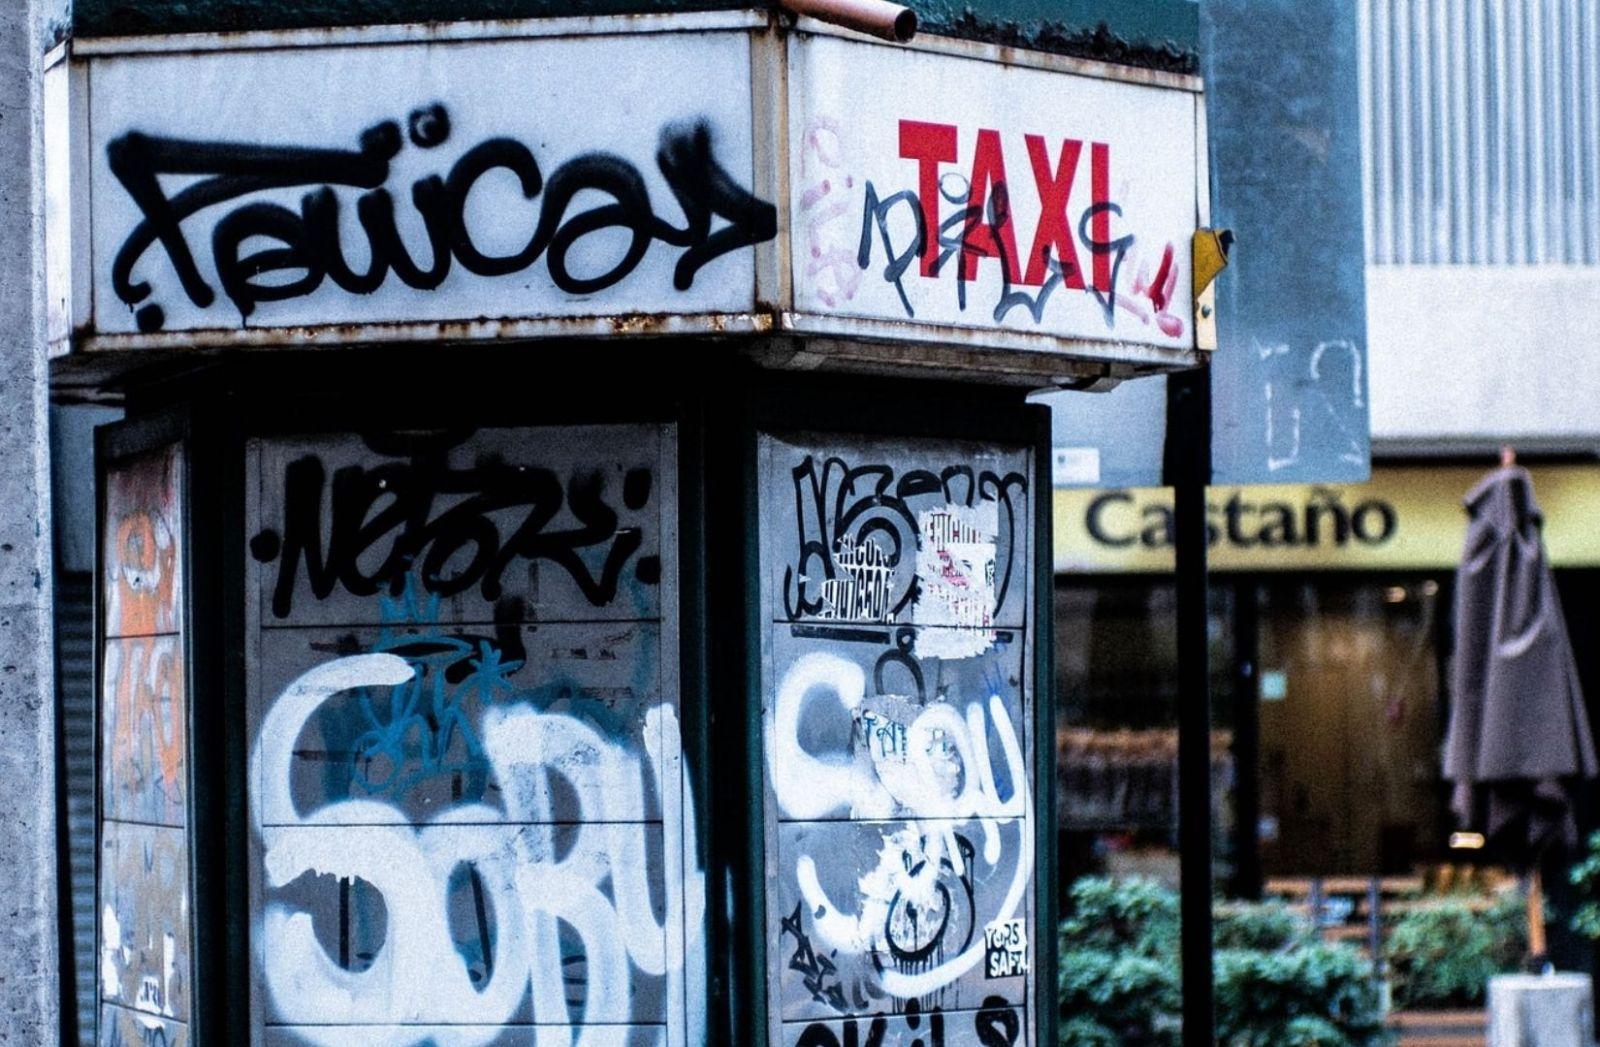 Die Revolte in Chile hinterlässt Spuren auch an Telefonzellen. (Foto: Diego Marin, Unsplash.com)